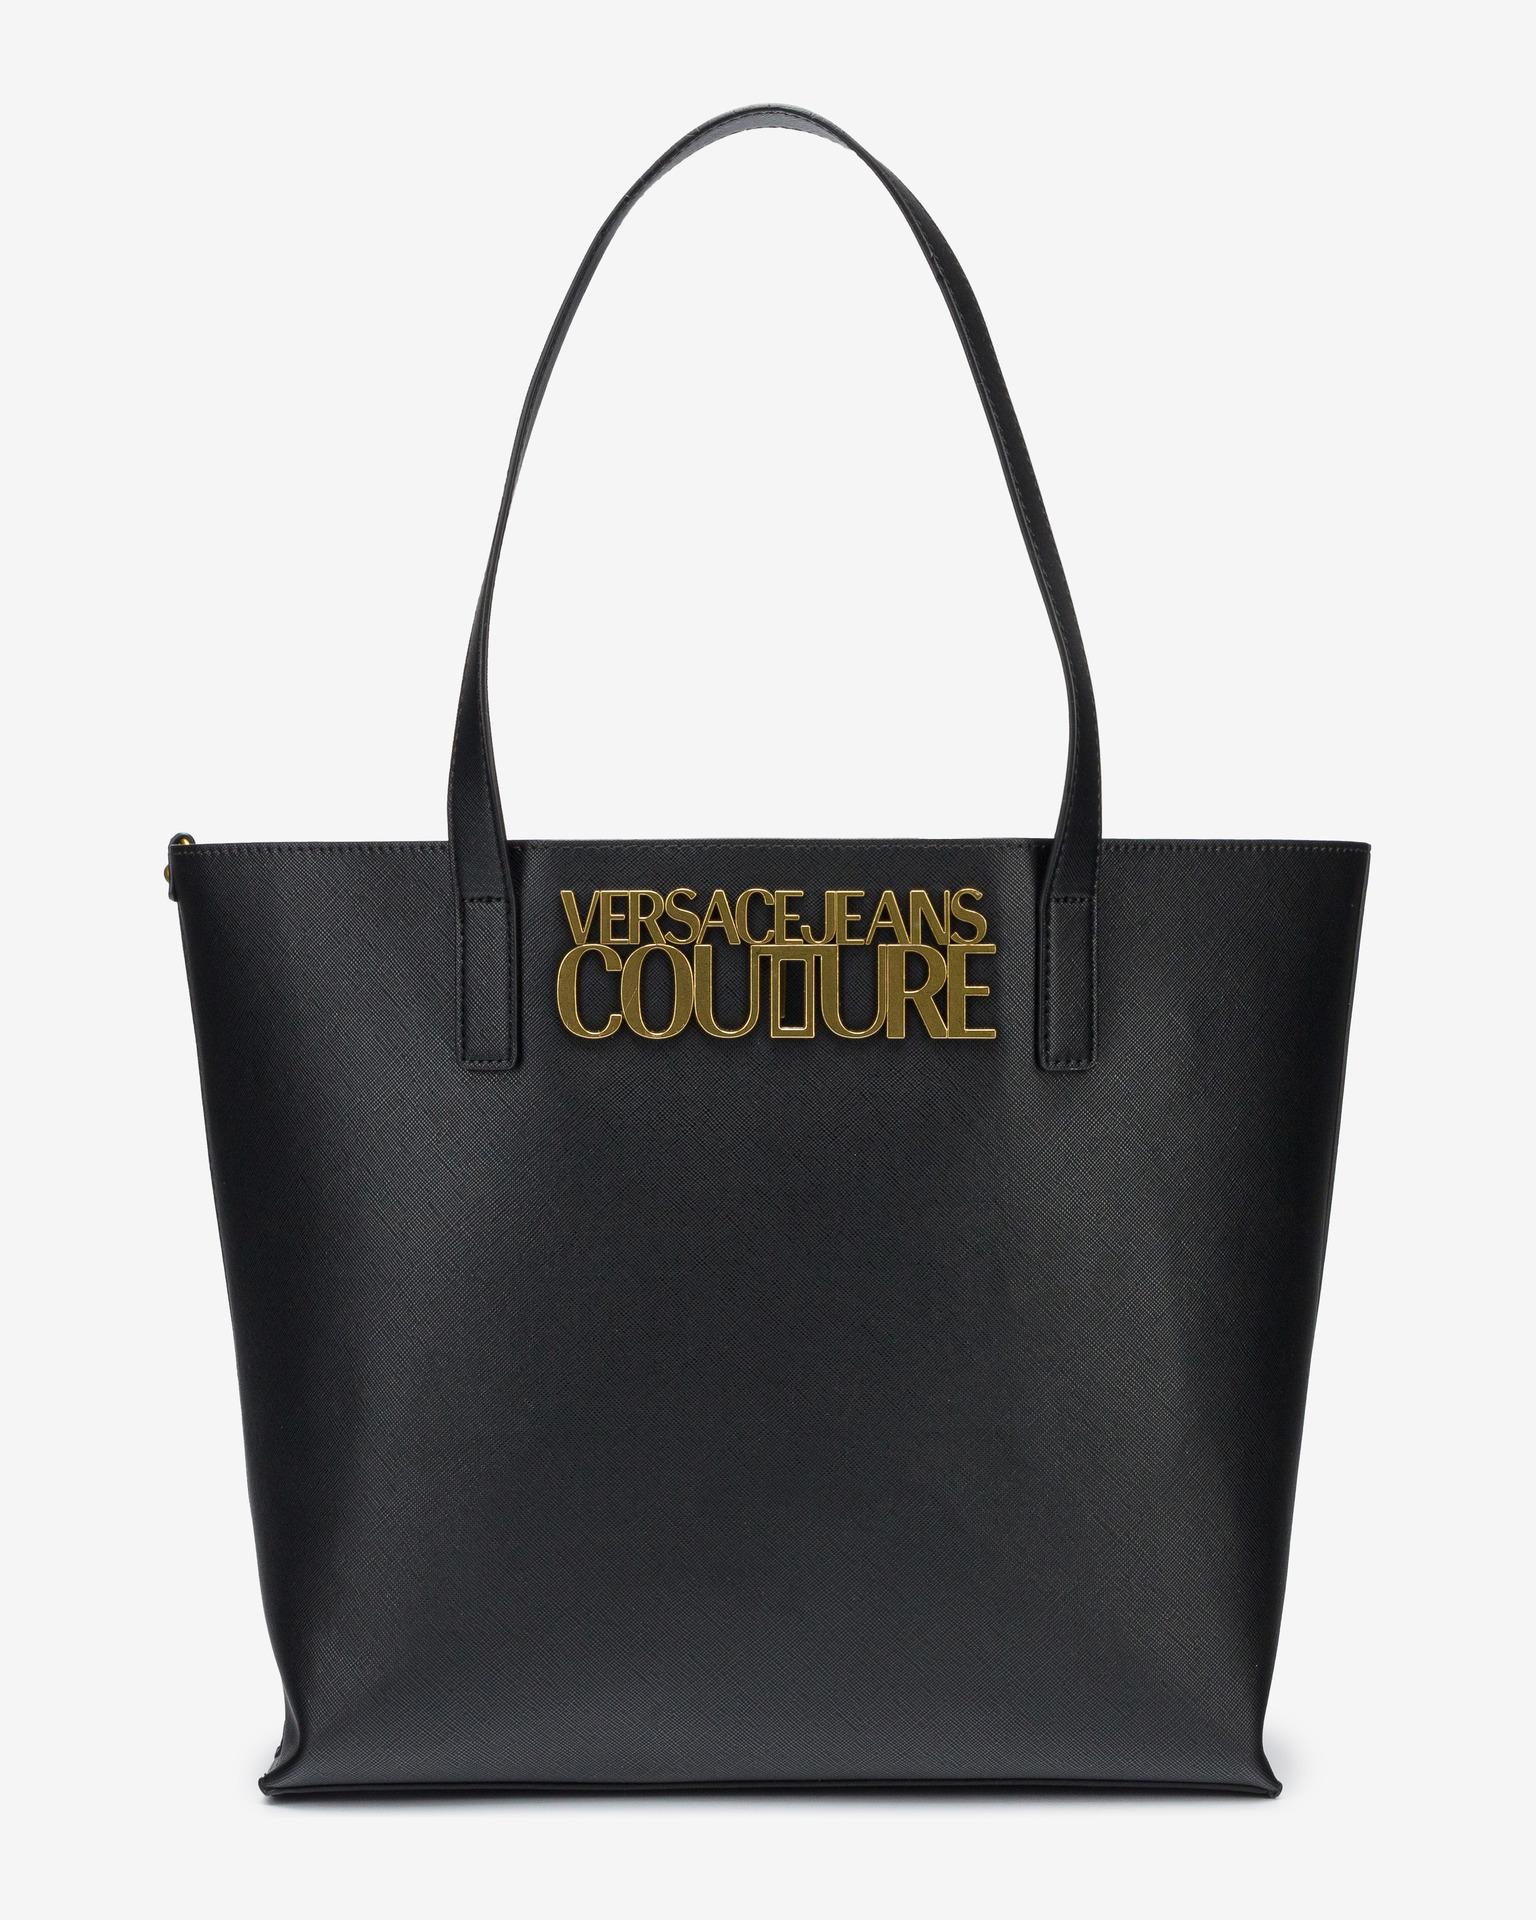 Versace Jeans Couture black handbag